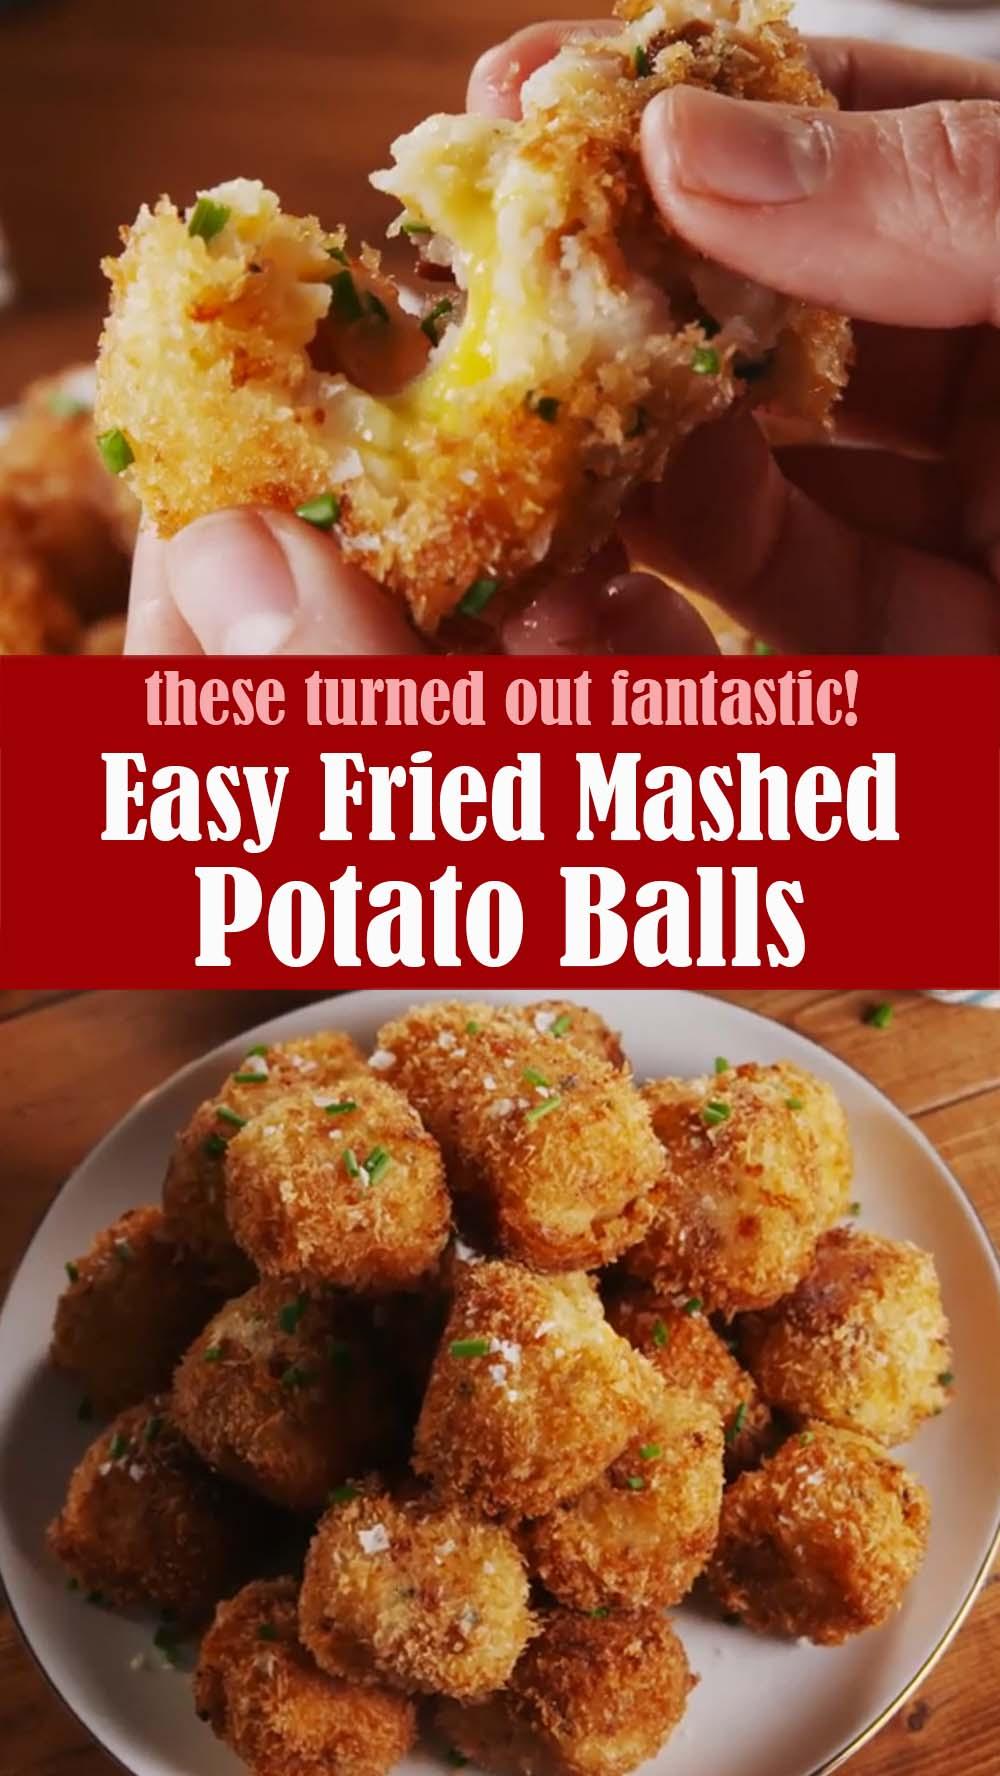 Easy Fried Mashed Potato Balls